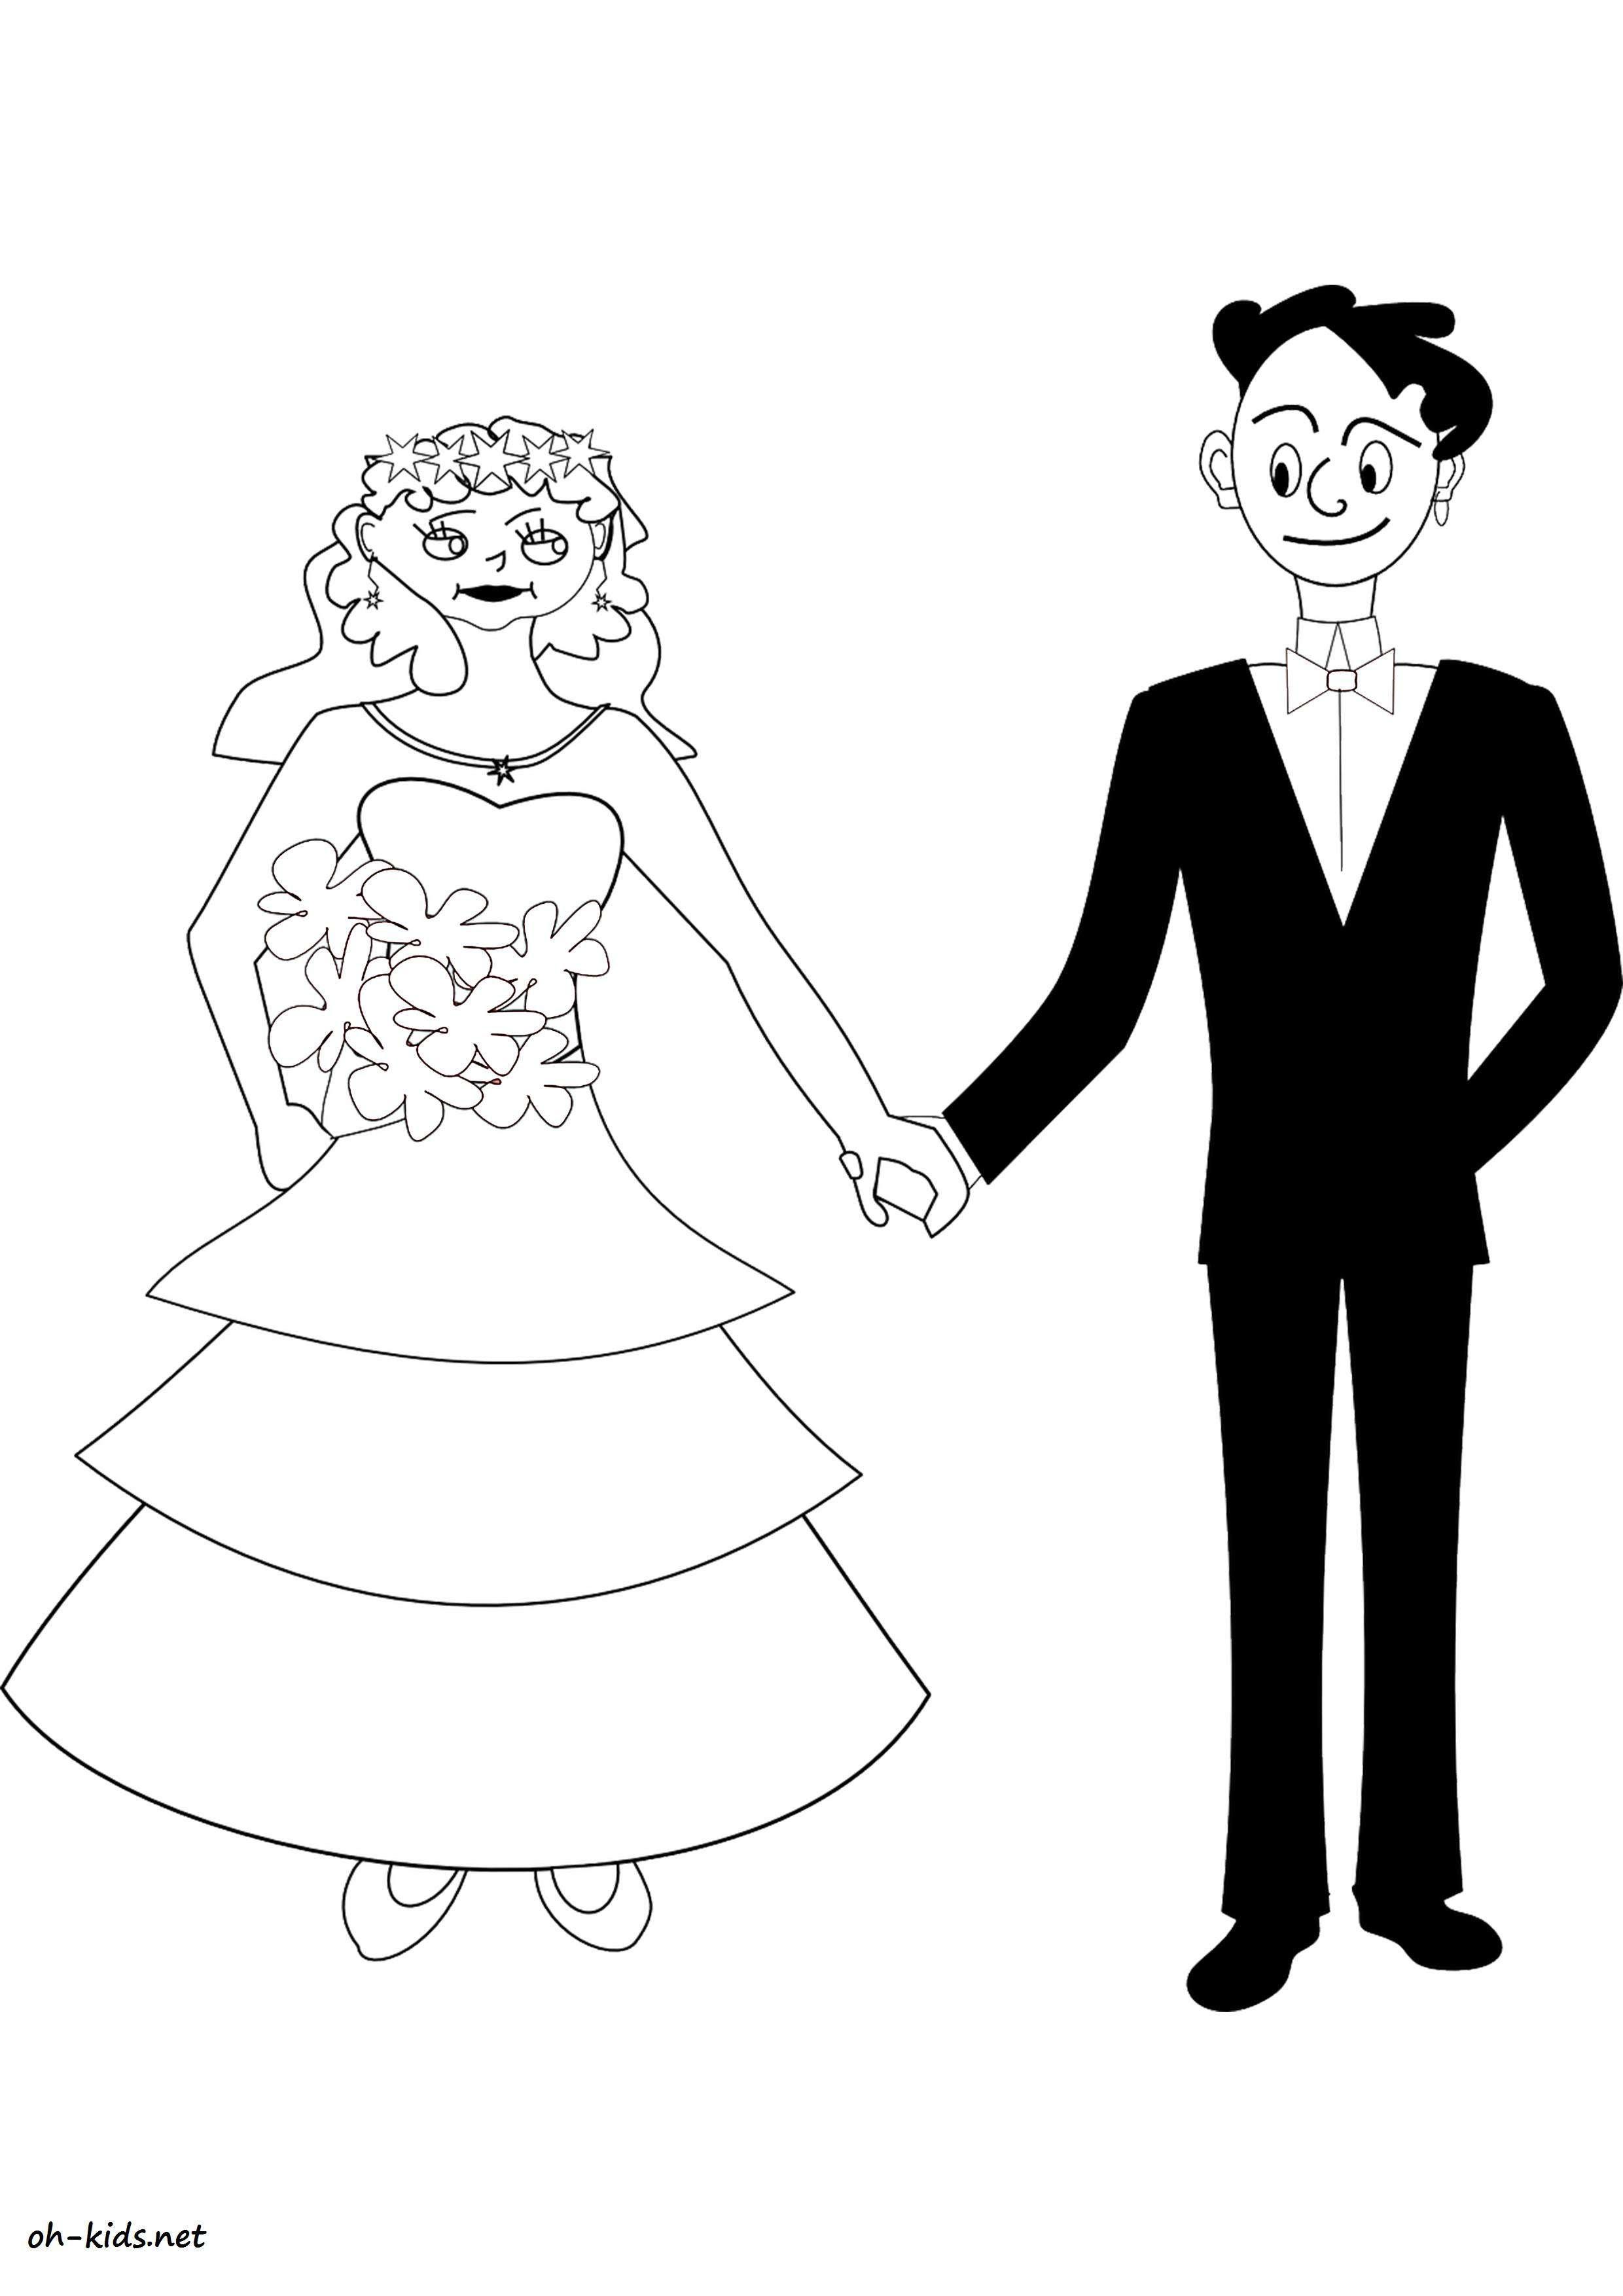 Dessin de mariage pour imprimer et colorier Dessin 1196